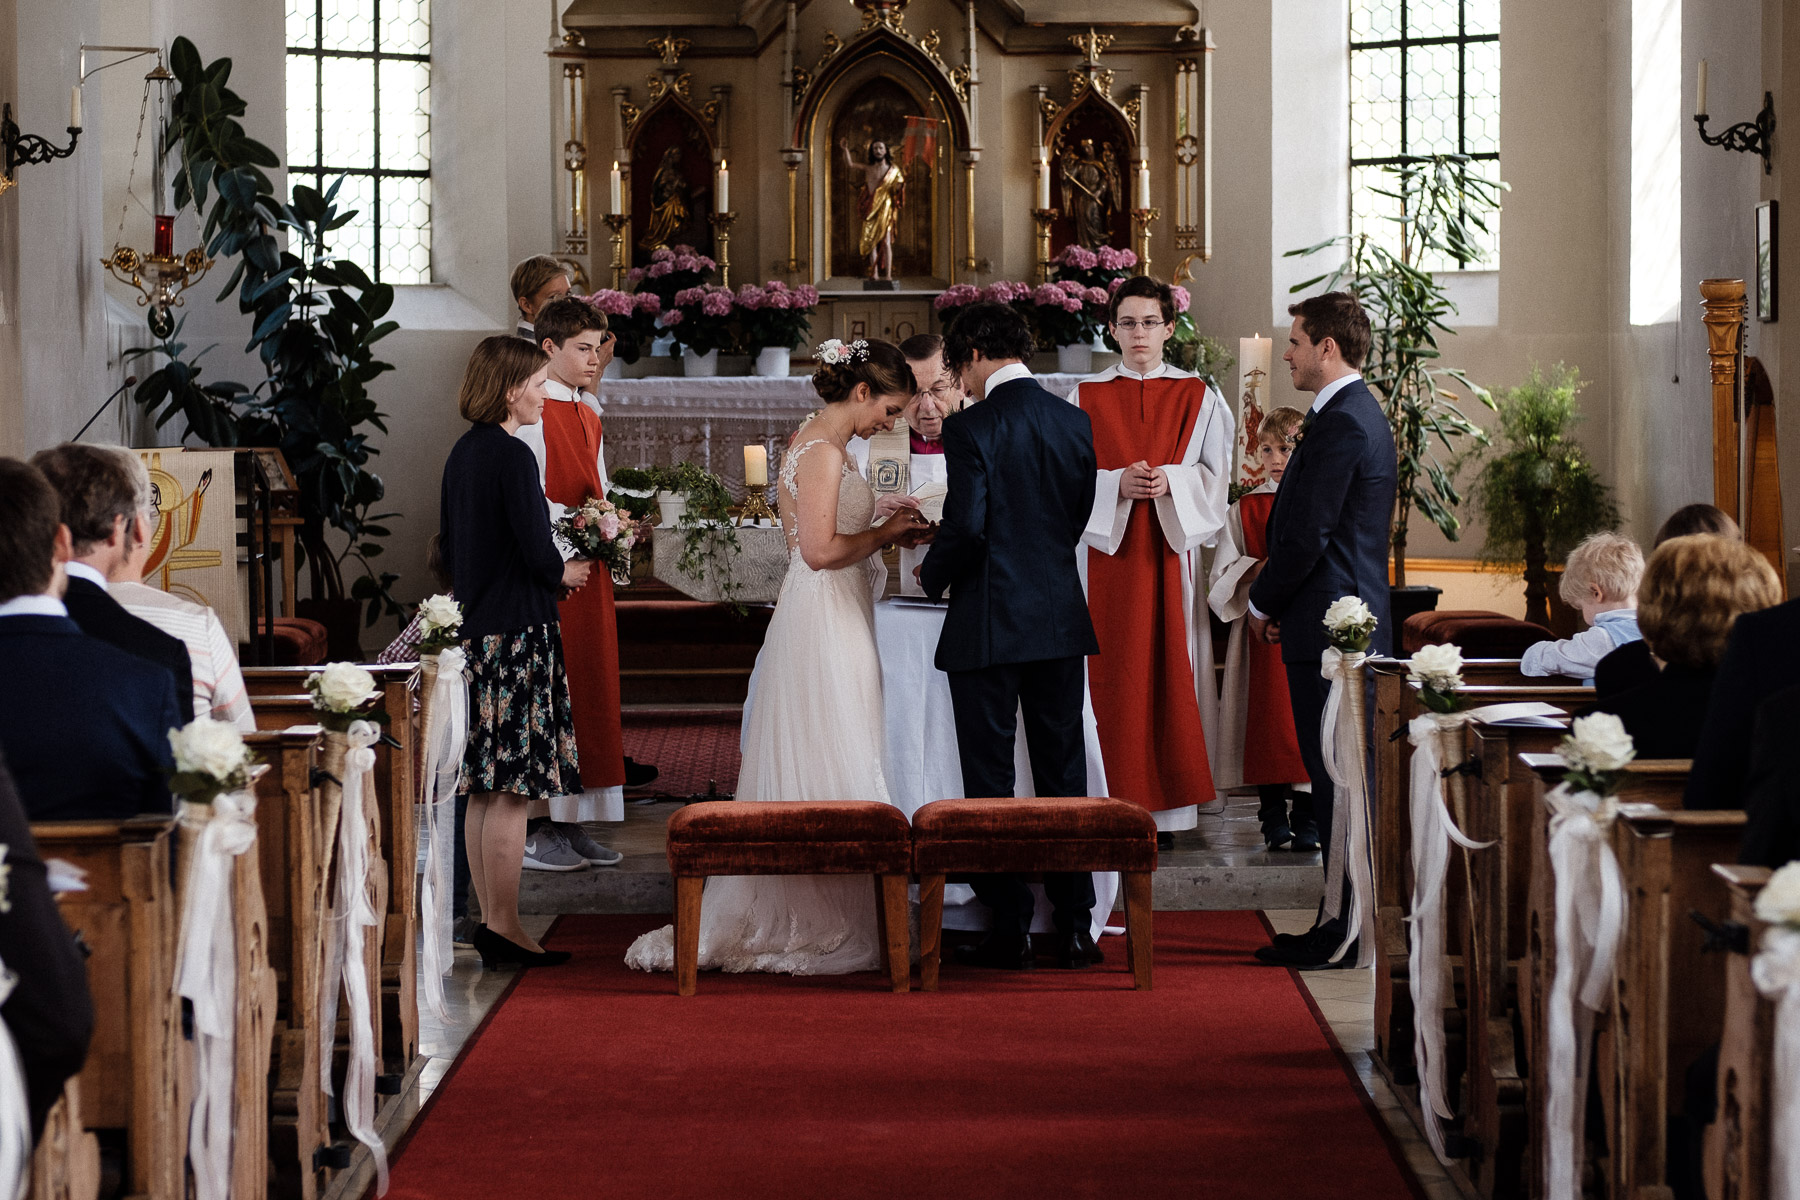 MartinLiebl_Hochzeitsfotograf_TTB_Blog_13.jpg